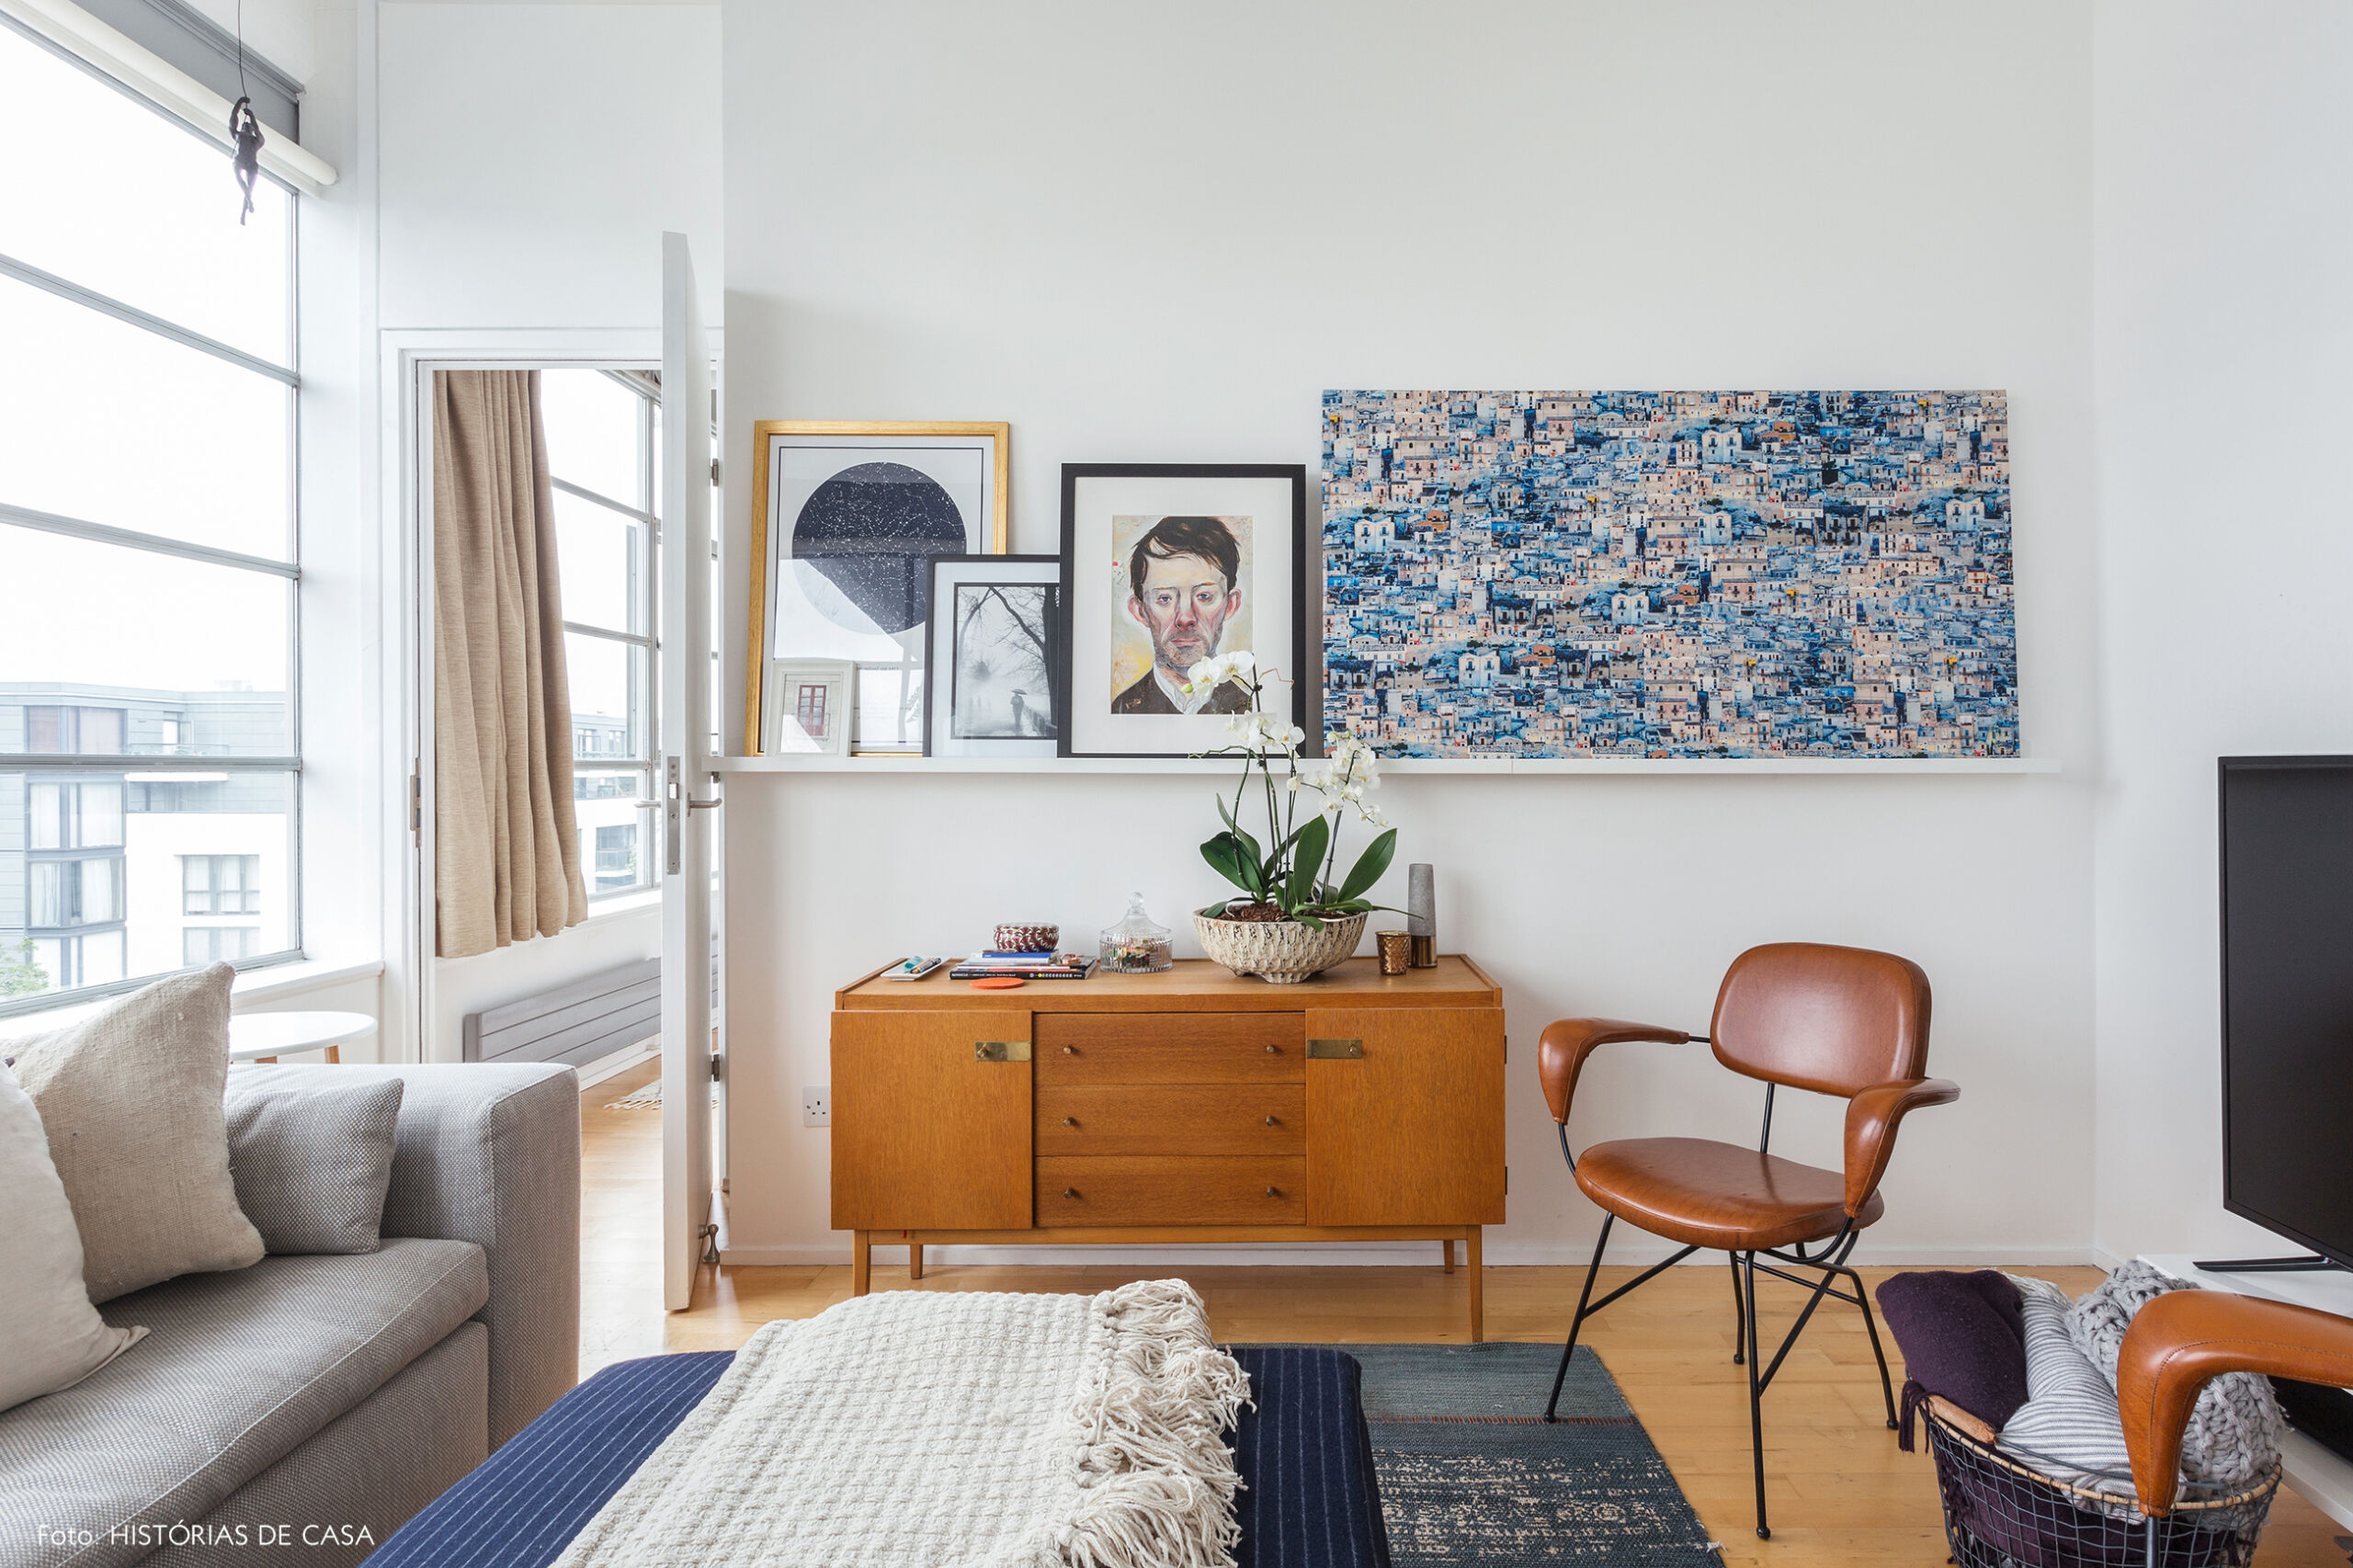 Sala de estar com móveis vintage e quadros